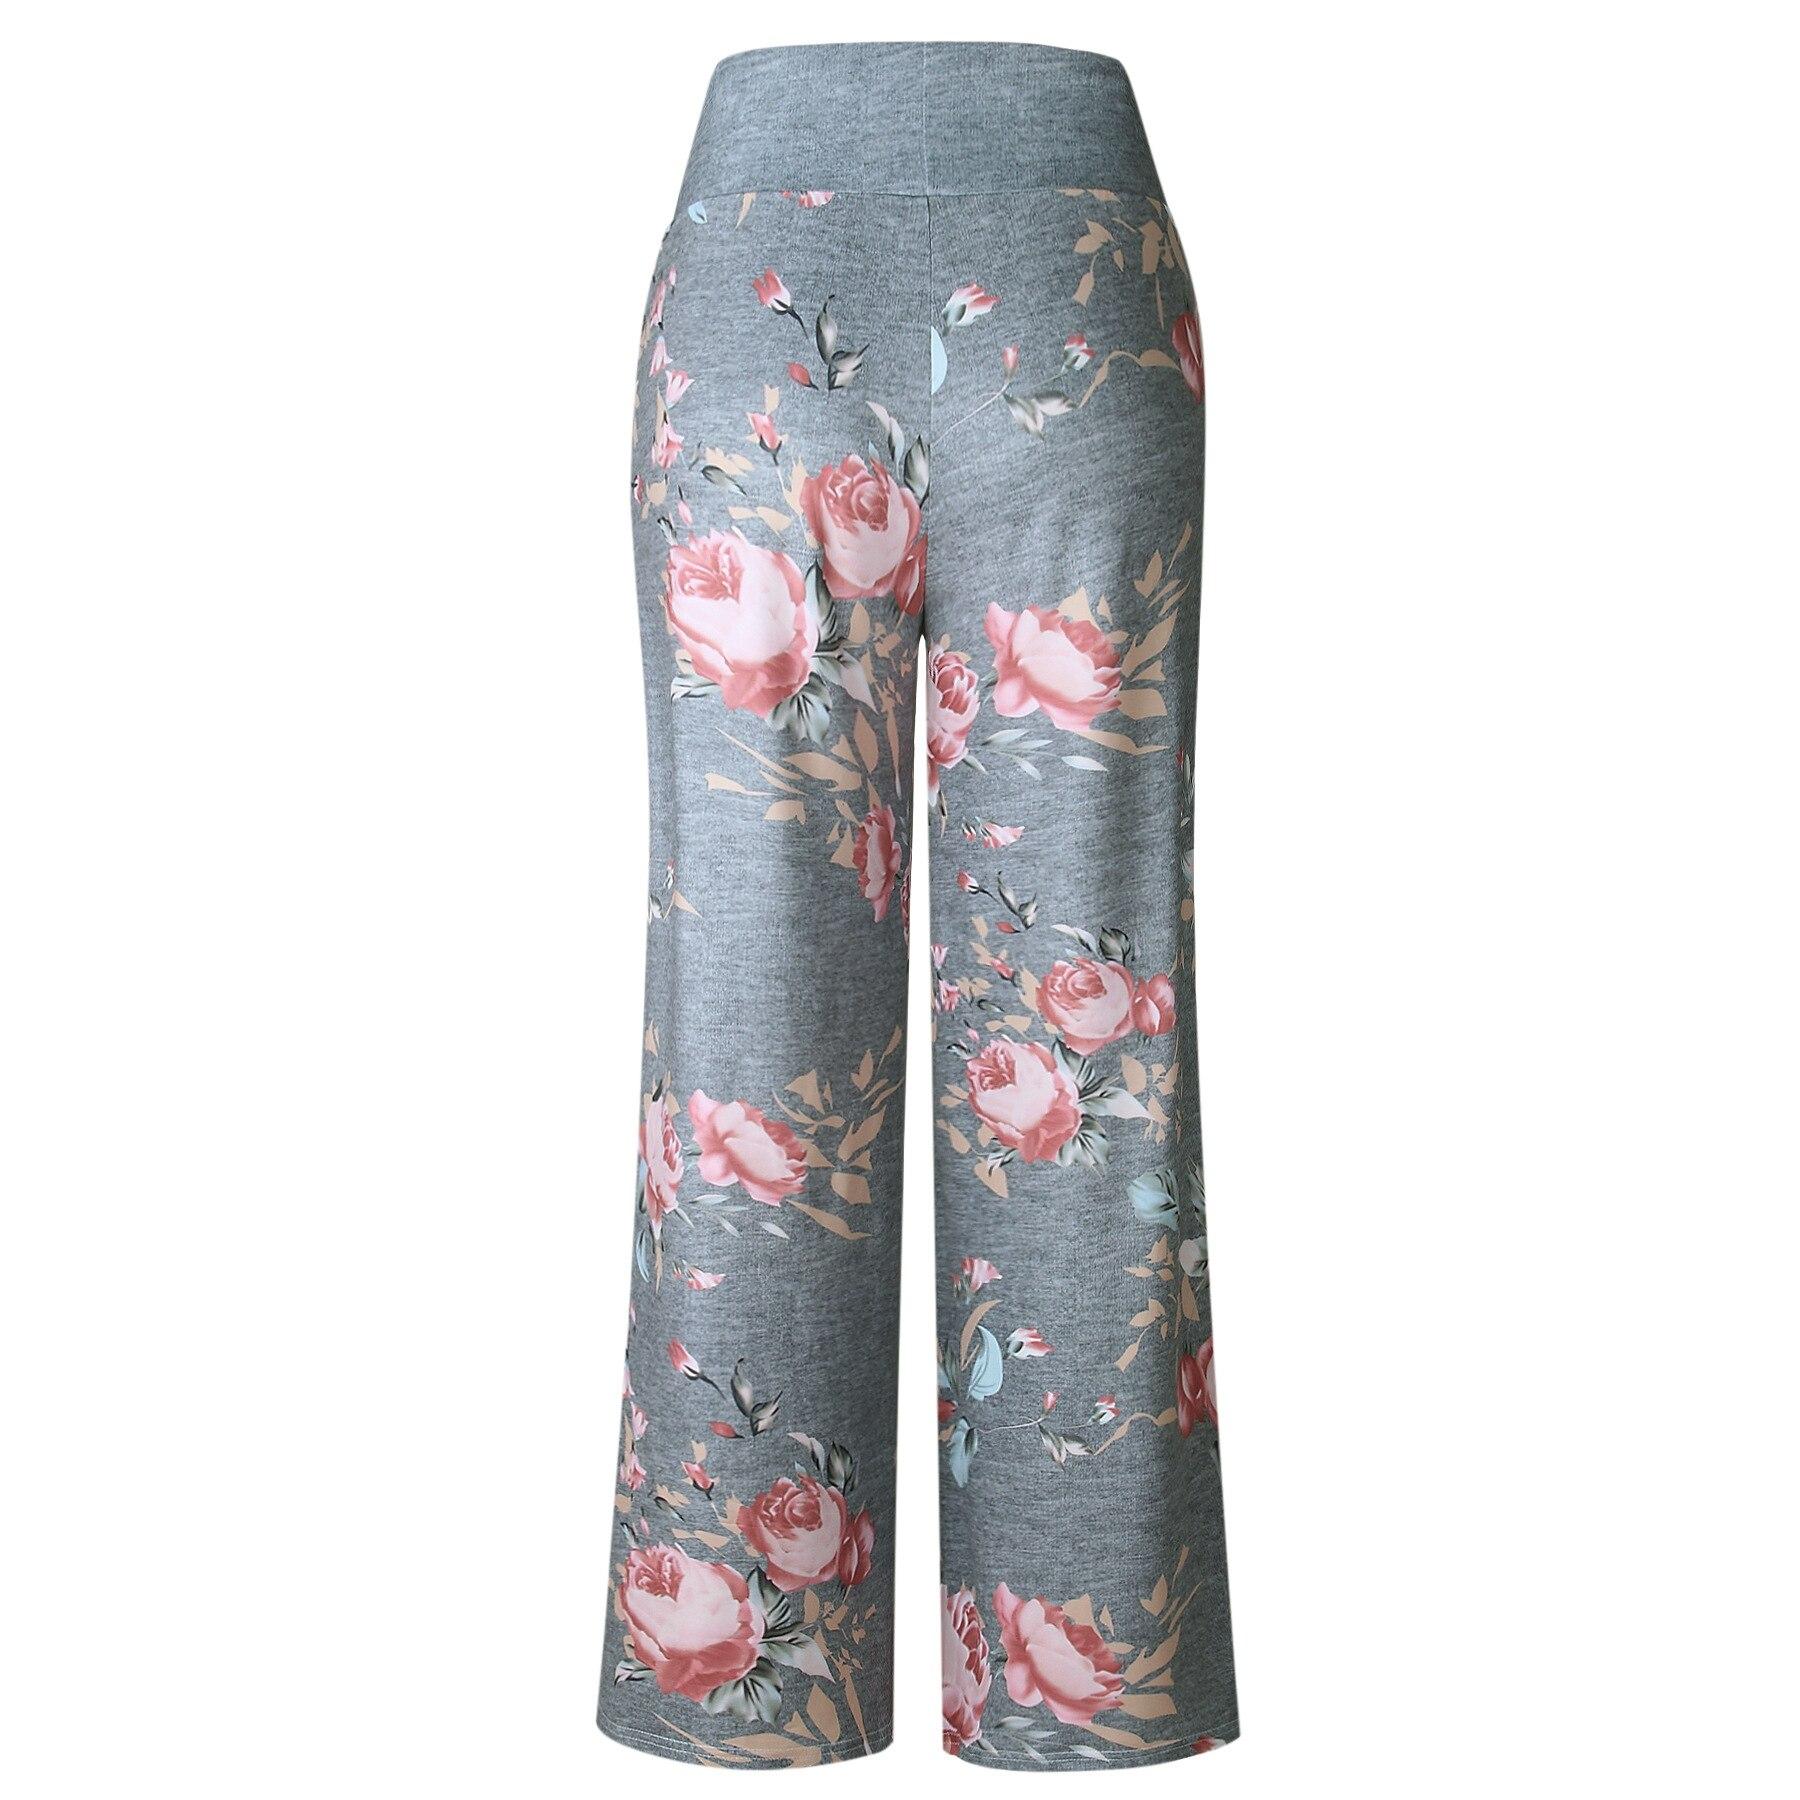 2018 Summer Loose Print Pink Flower Floral Harem Pants Capri Bottoms